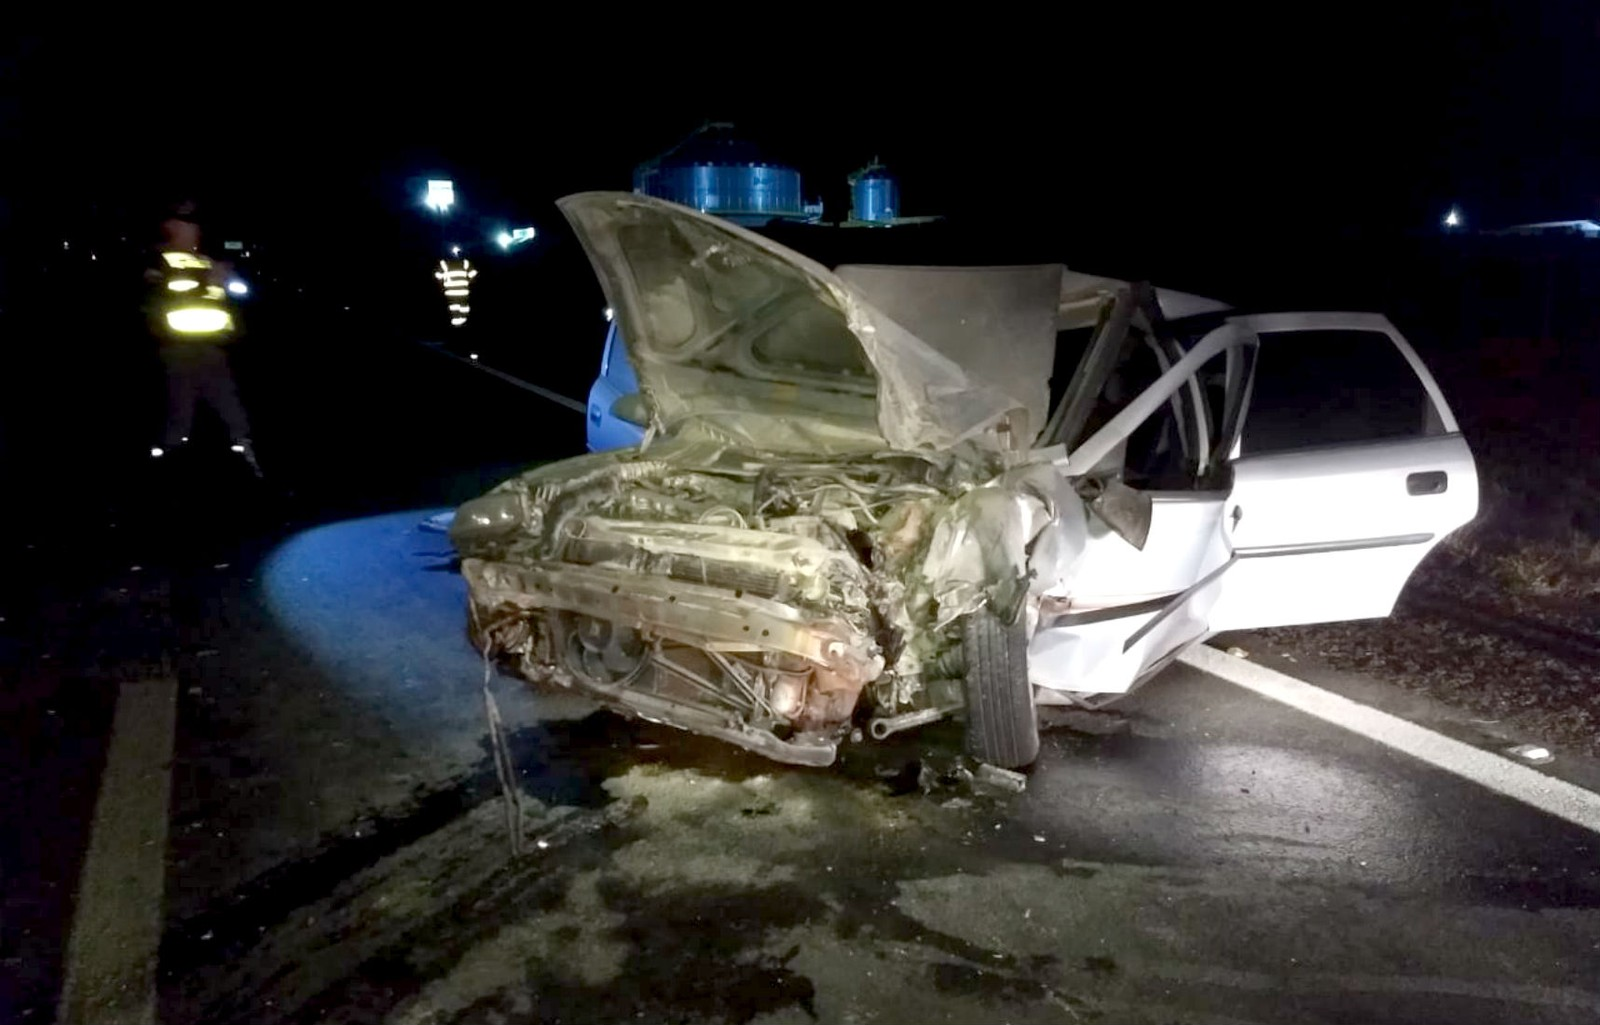 Carro atingido pelas rodas do caminhão ficou com a frente totalmente destruída — Foto: The Brothers/Divulgação